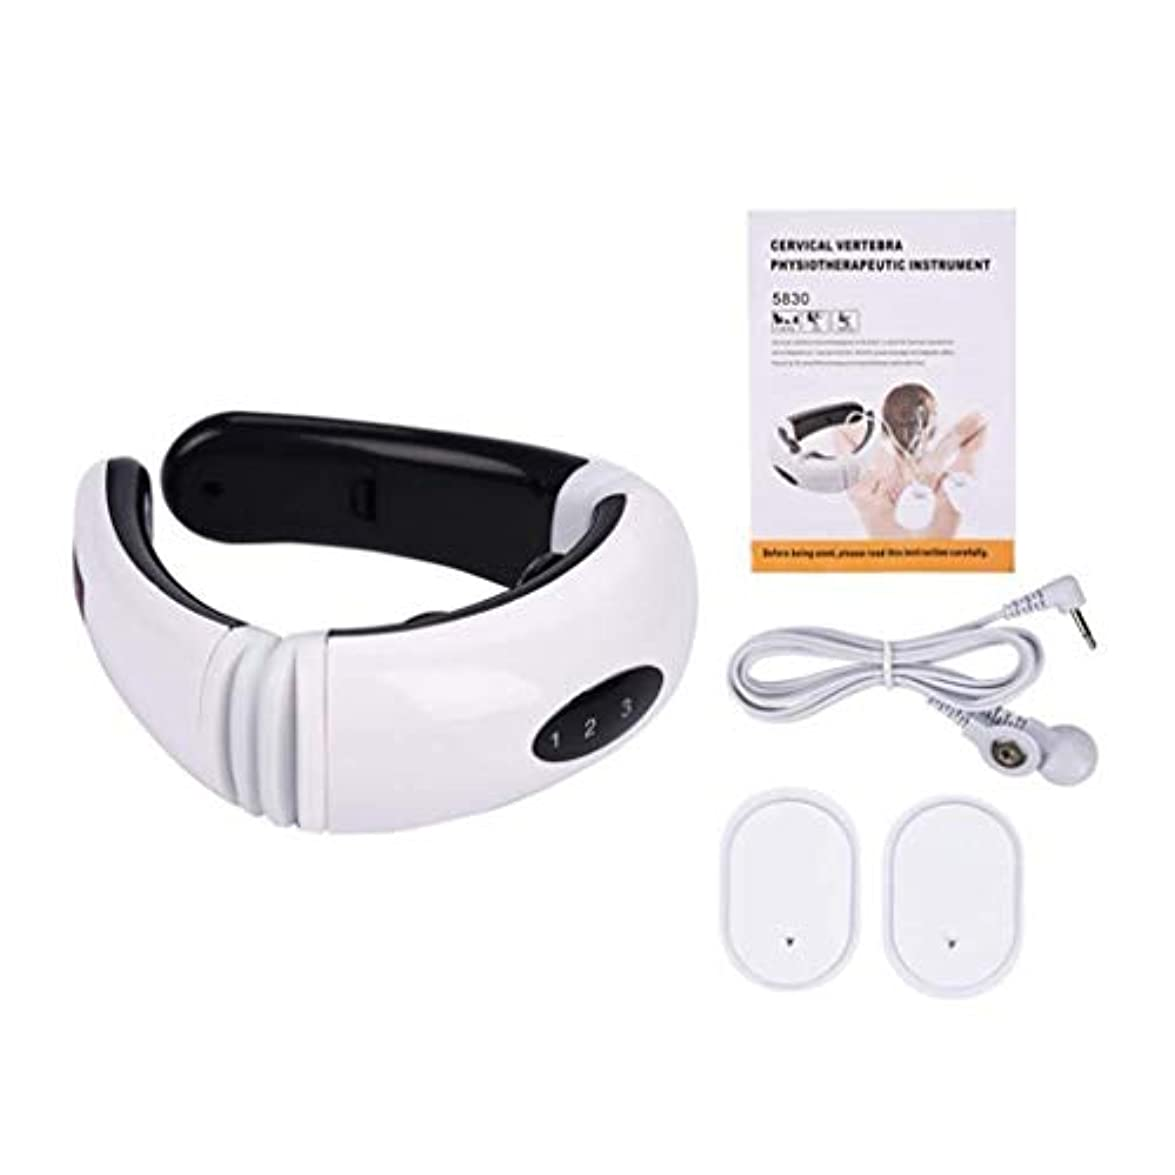 アリ労働降臨電動ネックマッサージャー、頸椎マッサージ器具、調整可能な感電パルス頸部理学療法、多機能ネックマッサージャー、痛みを緩和するマッサージャー